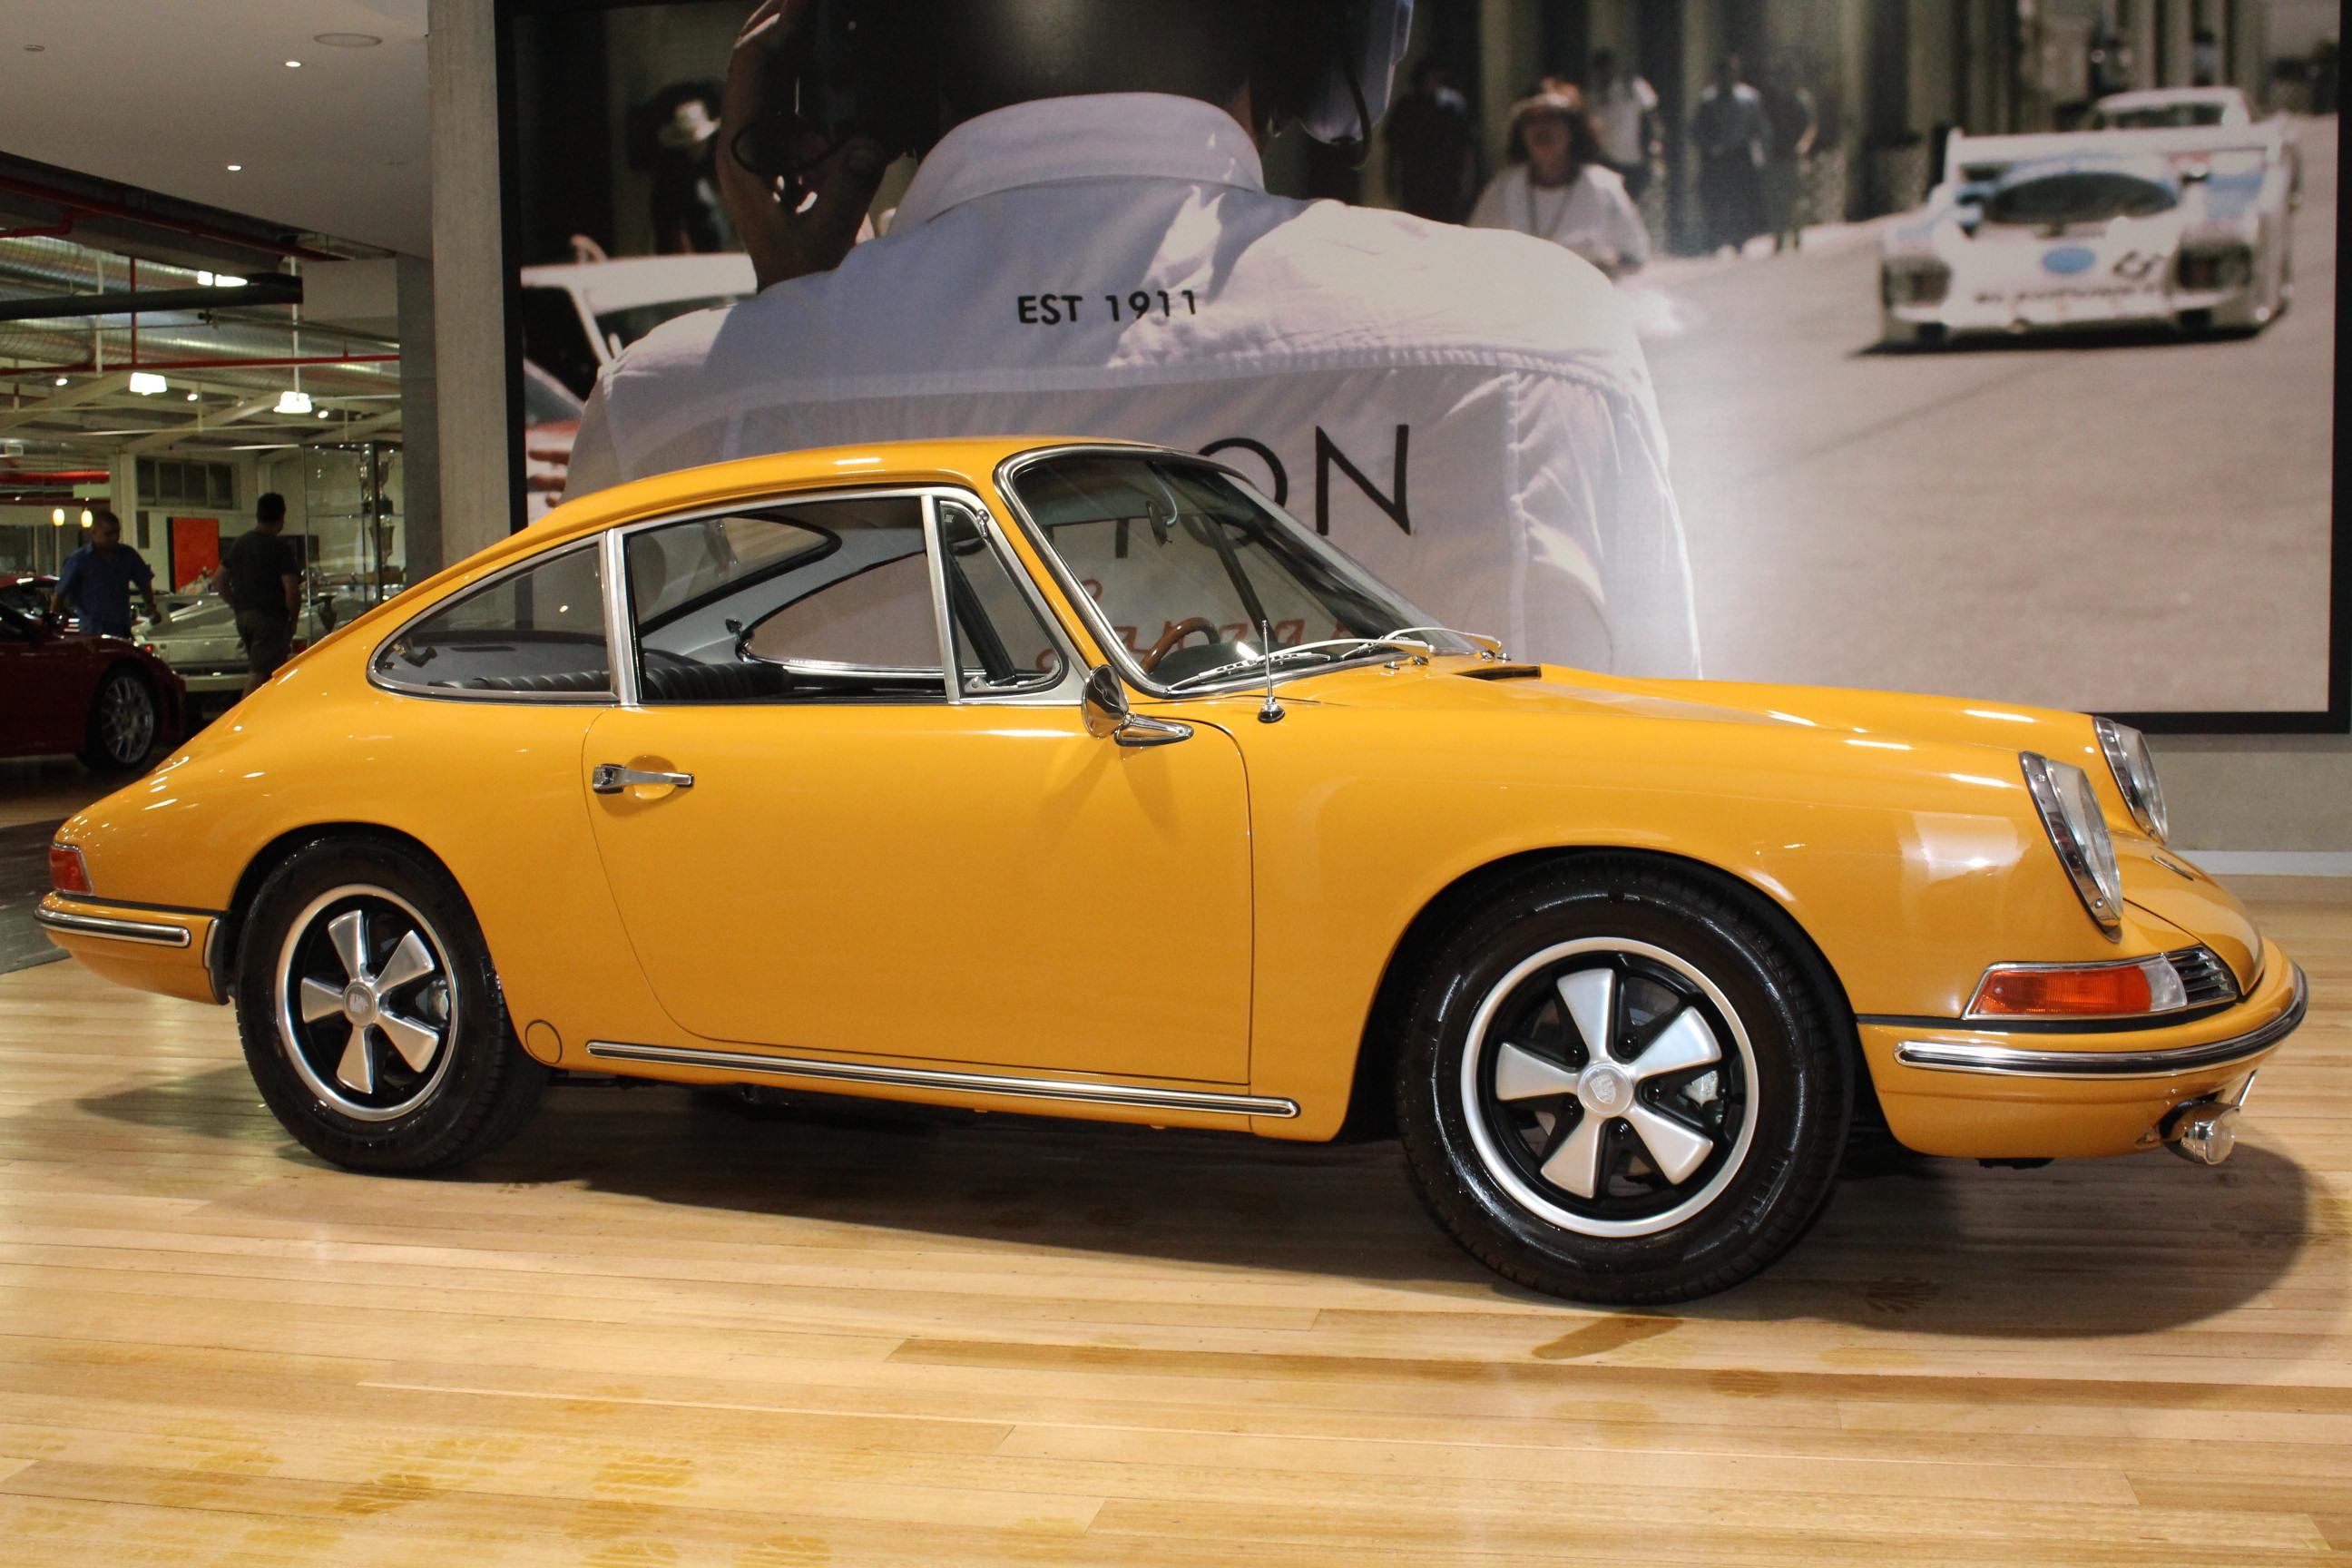 1967 Porsche 911 S Swb Sportomatic For Sale